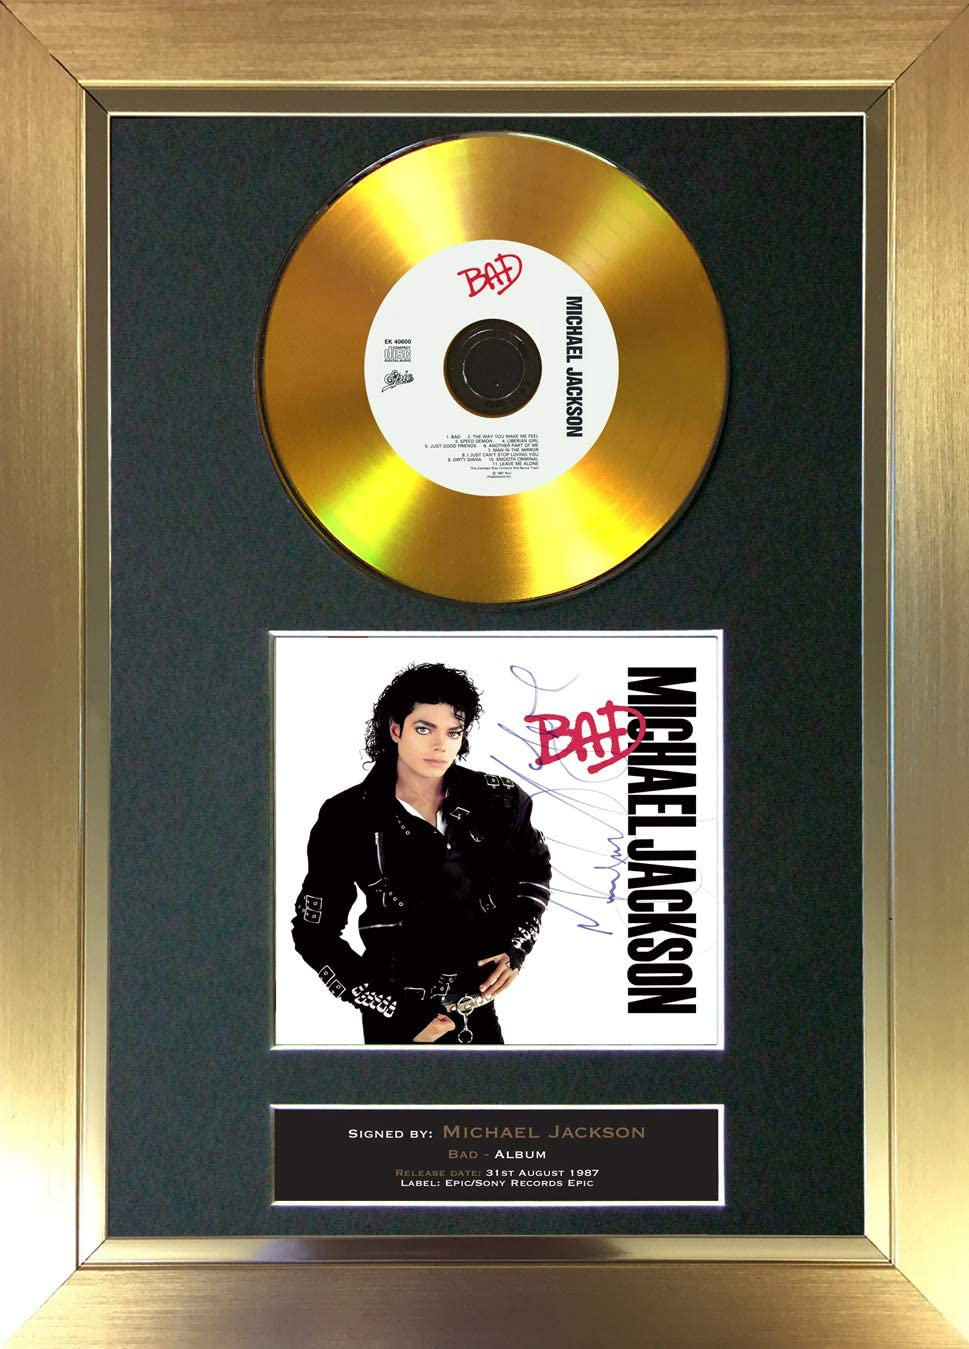 30 x 20 cm Motivo: Disco Dorato Struttura Nera The Autograph Collector #104 Formato A4 Album con autografo di Michael Jackson